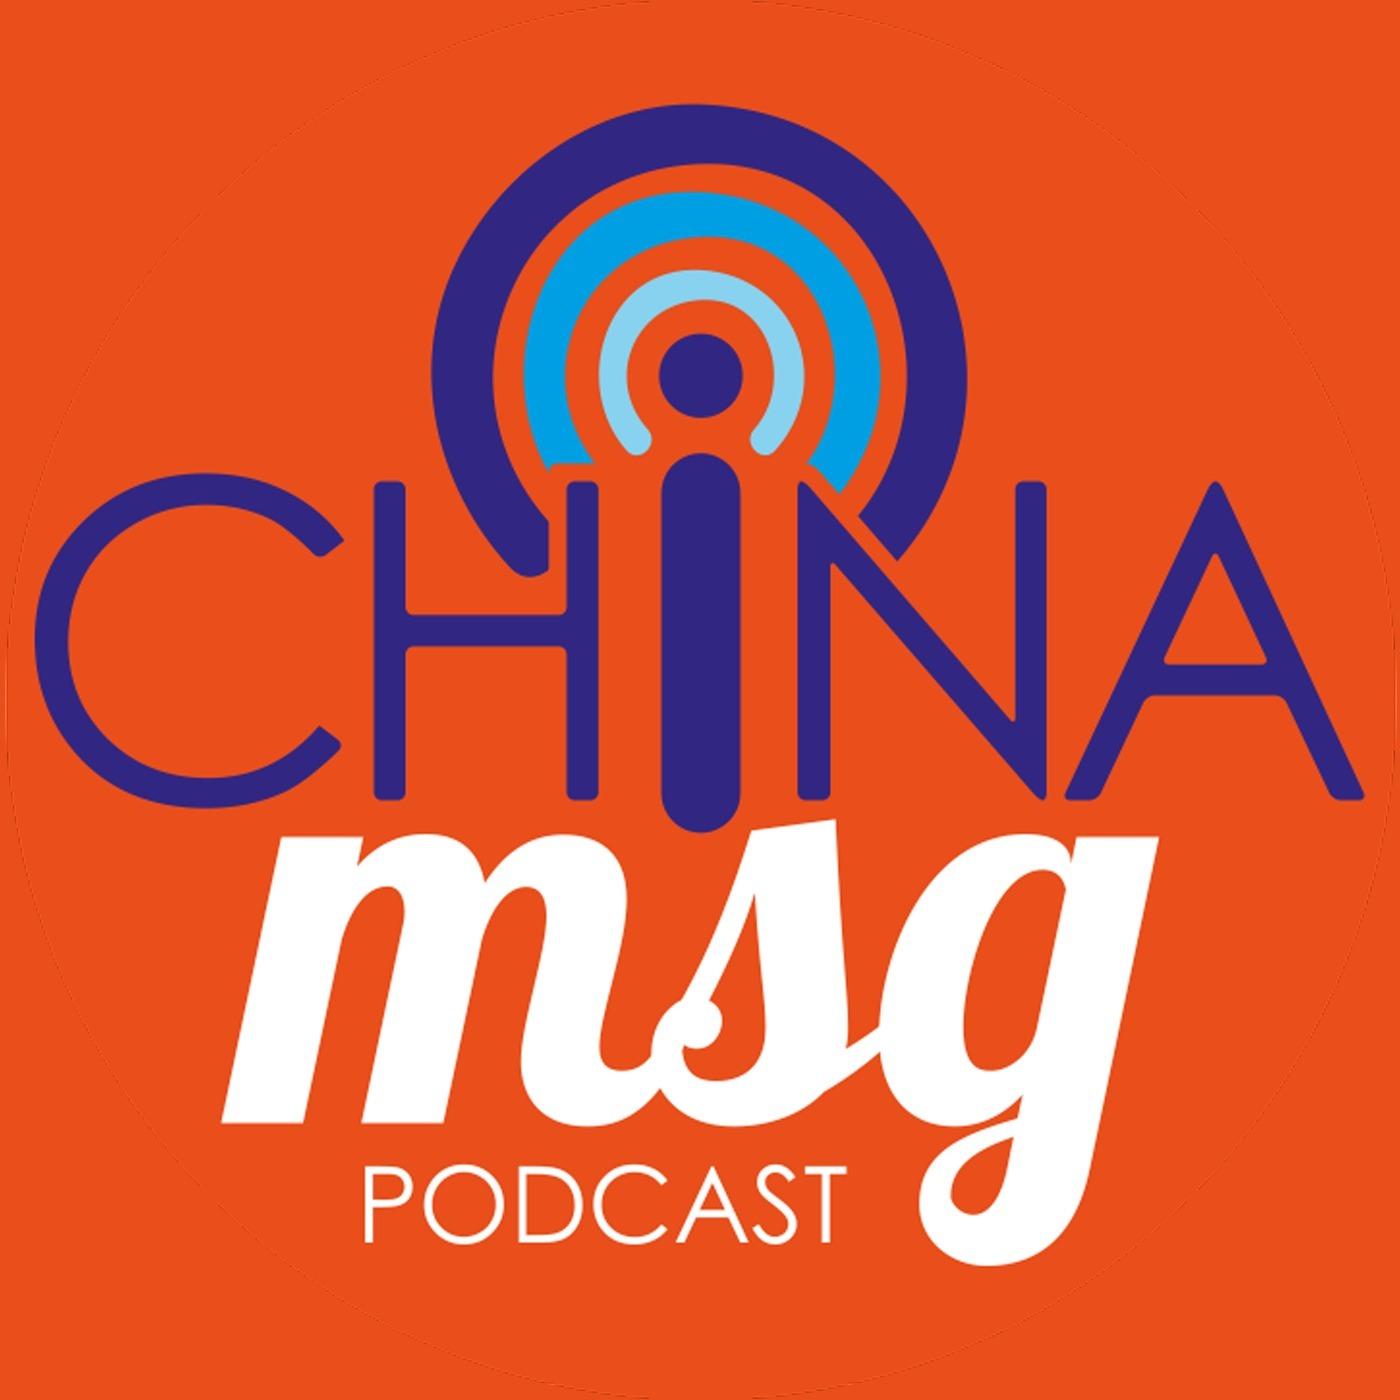 China MSG